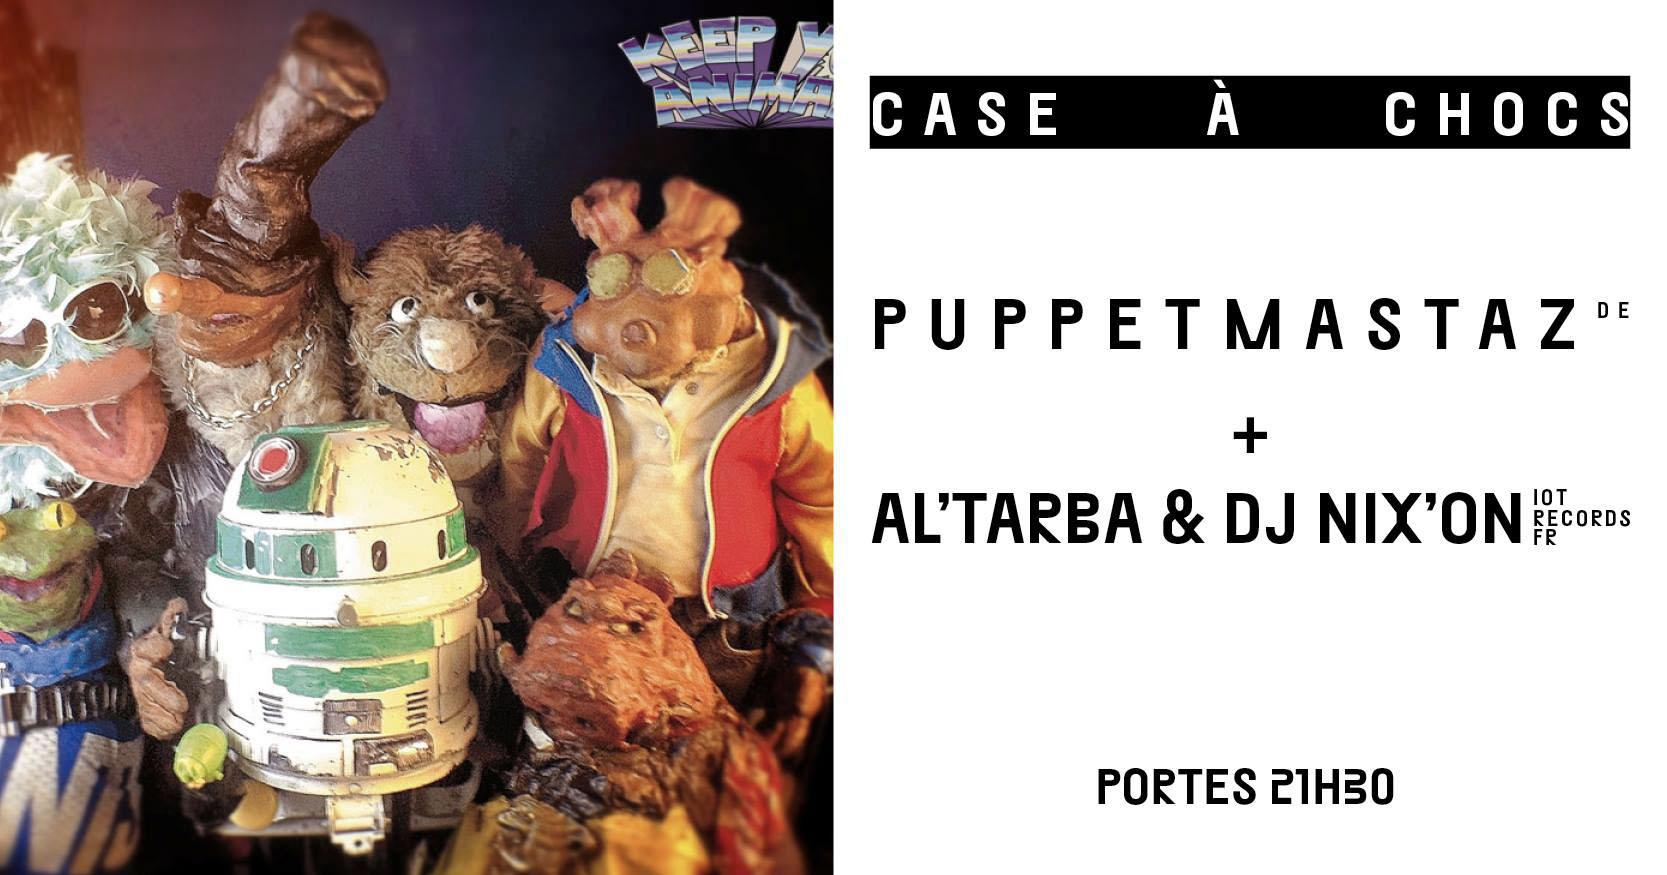 Al-Tarba-Puppetmastaz-17nov2017